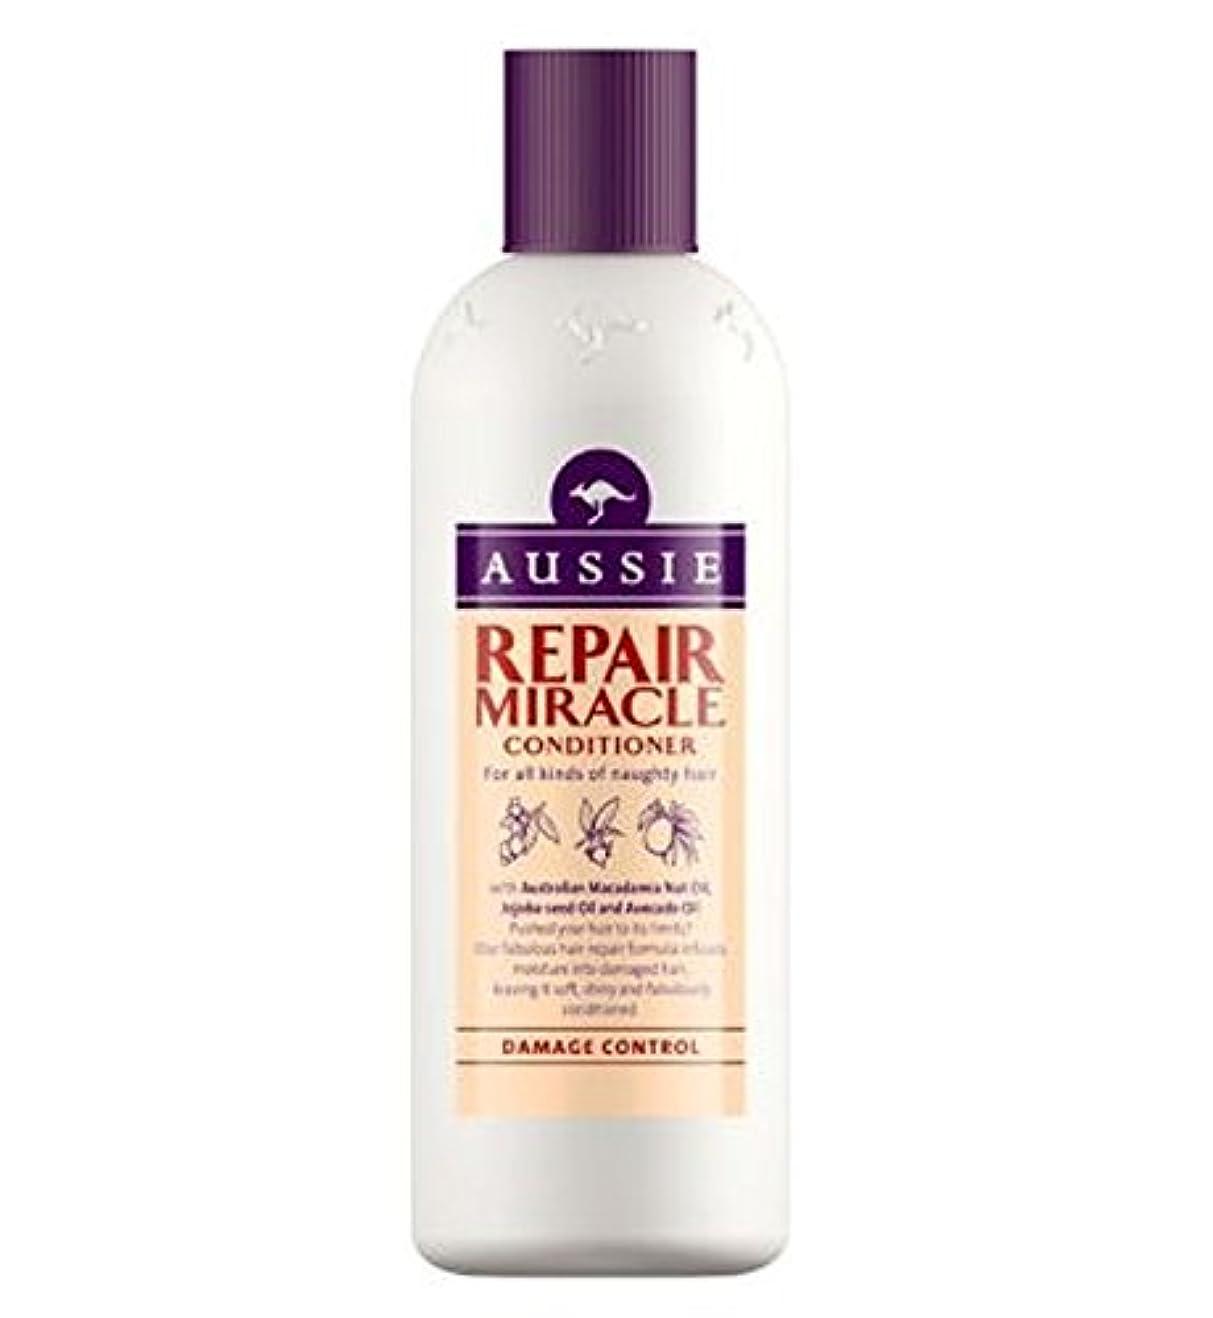 高潔な恐竜満足傷んだ髪の250ミリリットルのためのオージーコンディショナー奇跡の修理 (Aussie) (x2) - Aussie Conditioner Miracle Repair for damaged hair 250ml (...